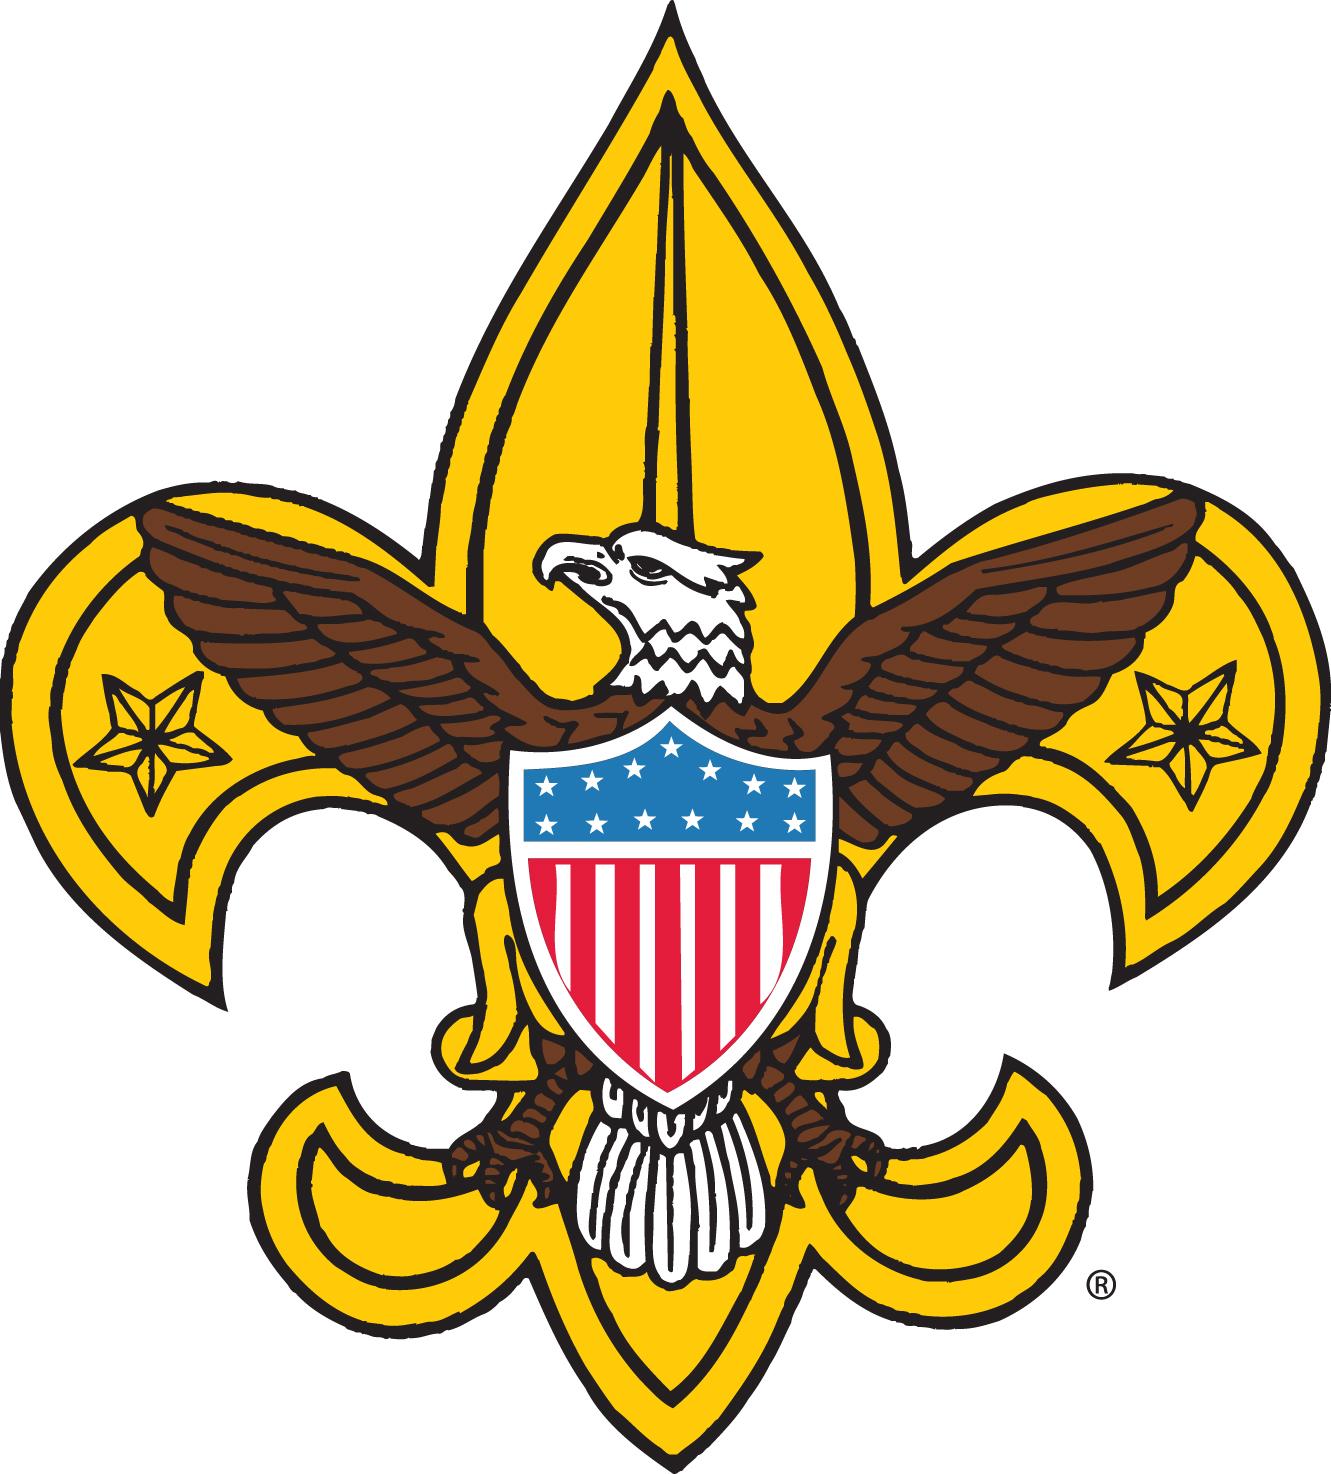 Boy Scout Emblem Clip Art Cliparts Co-Boy Scout Emblem Clip Art Cliparts Co-2